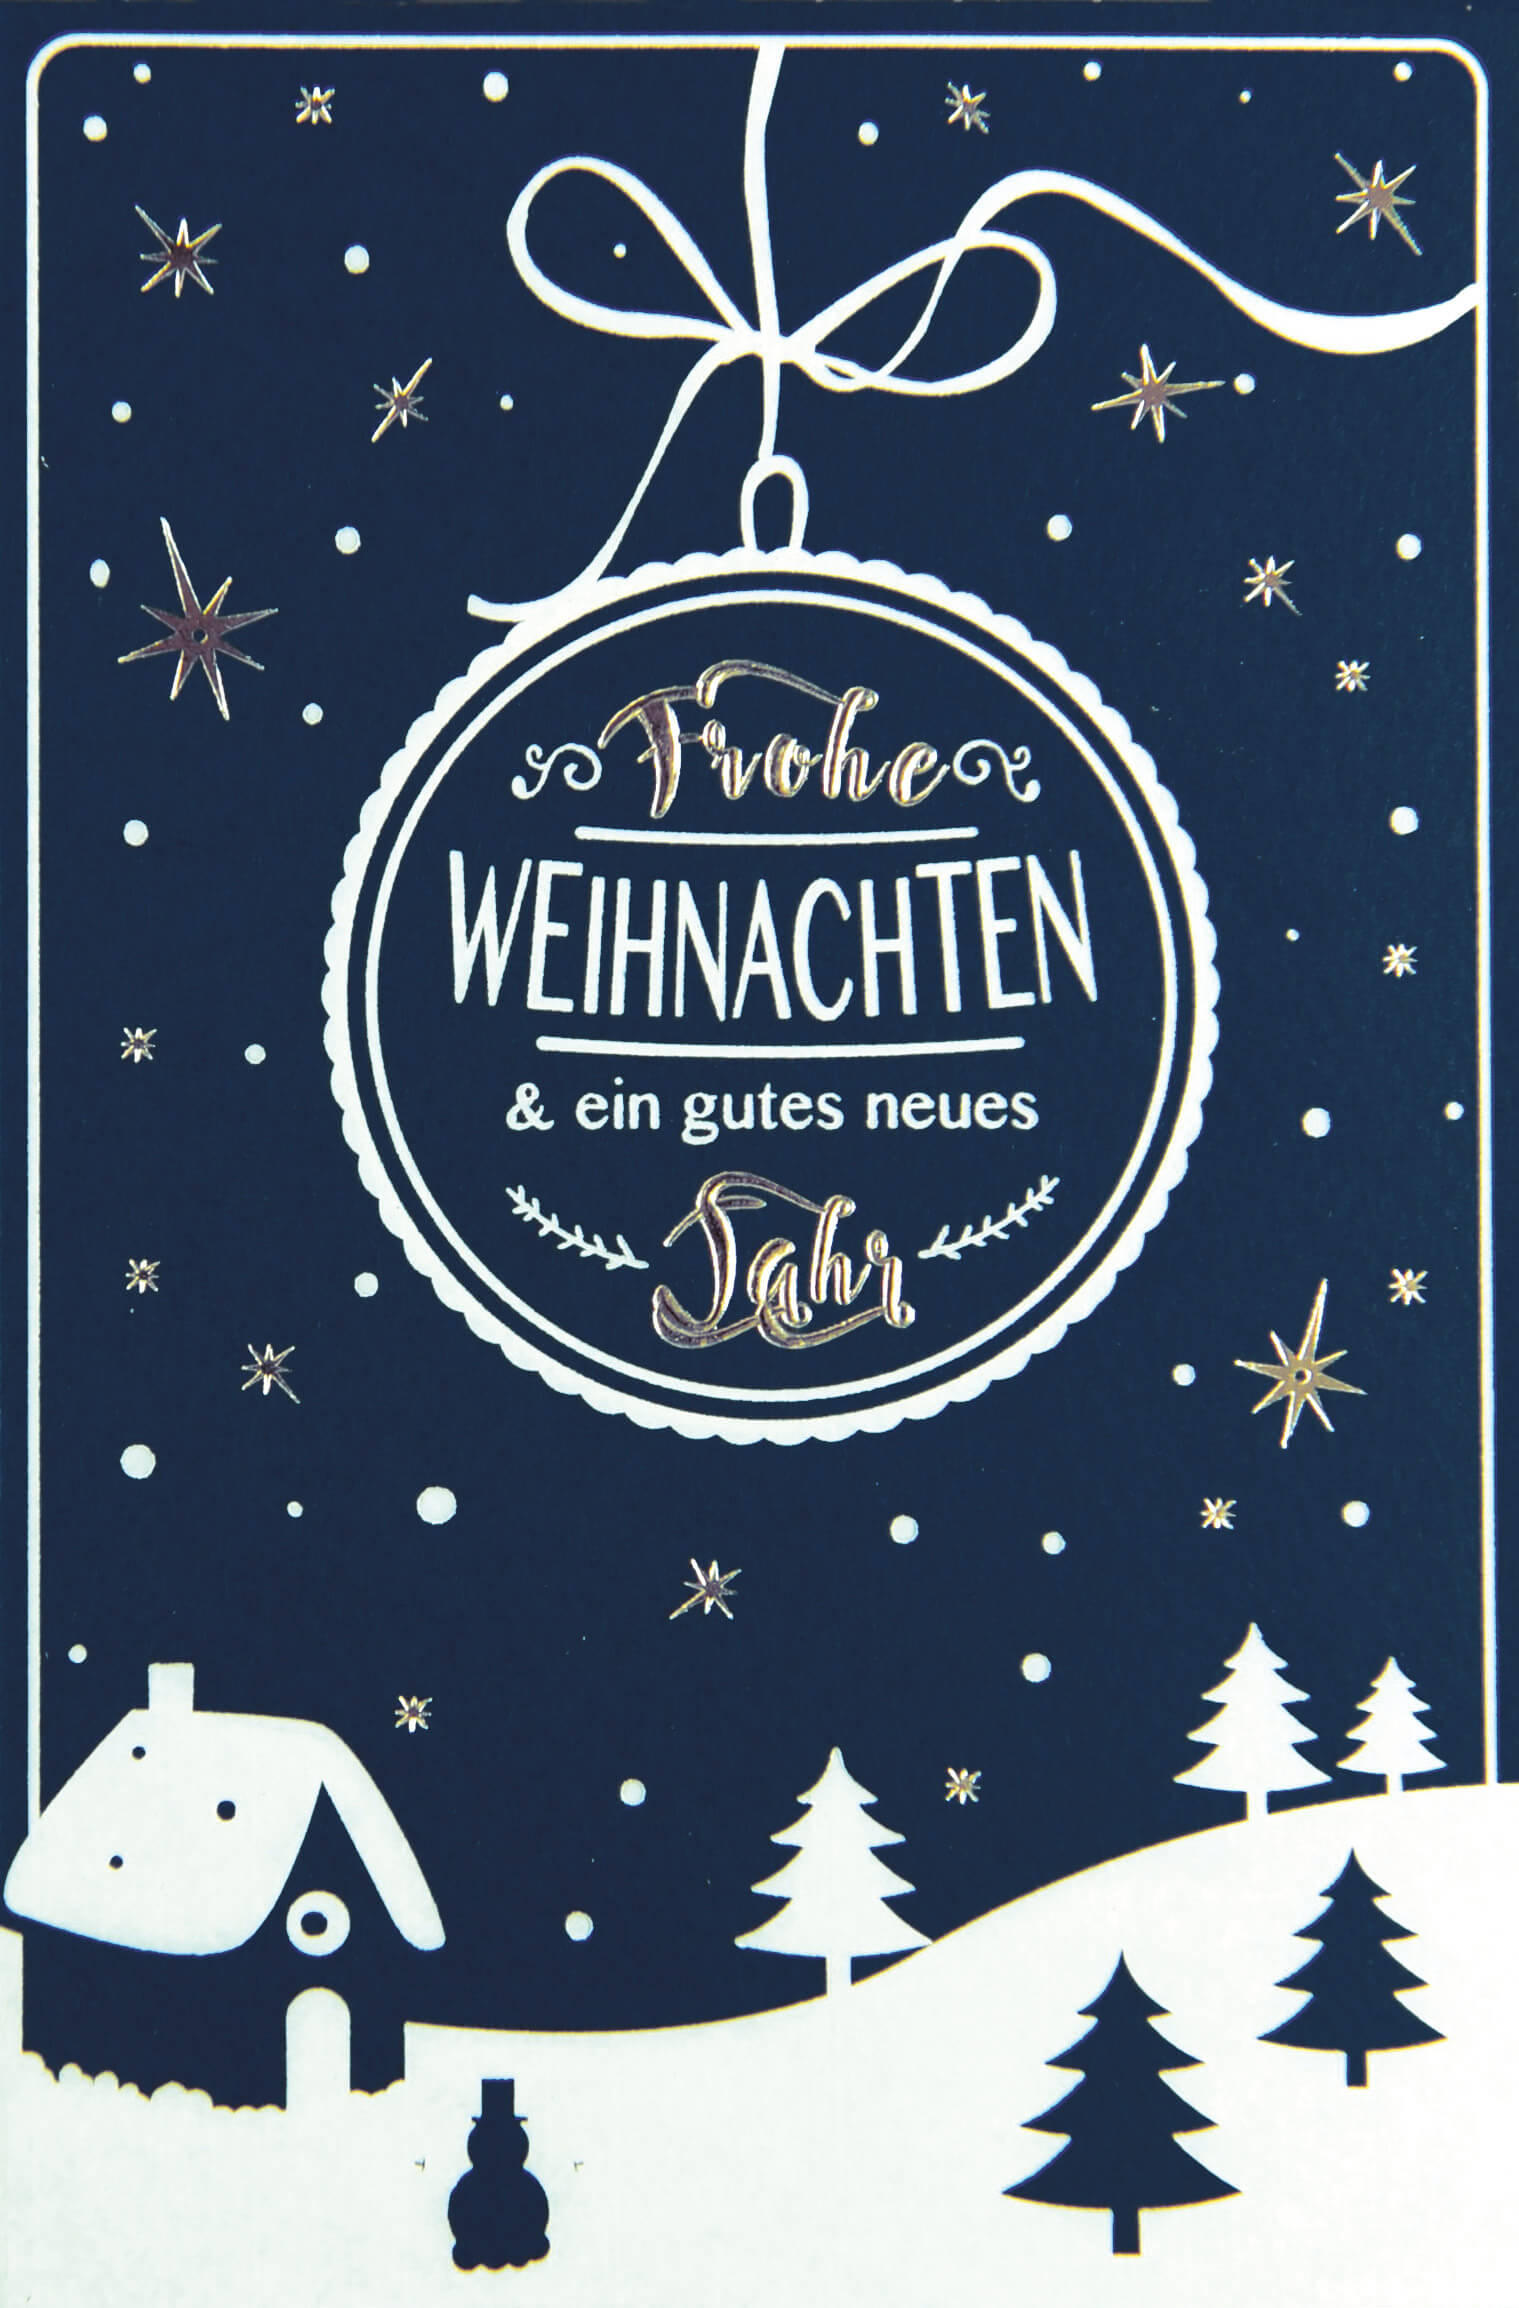 Weihnachtsgrüße Klassisch.Klassische Weihnachtskarte In Blau Mit Winterlandschaft Bei Nacht